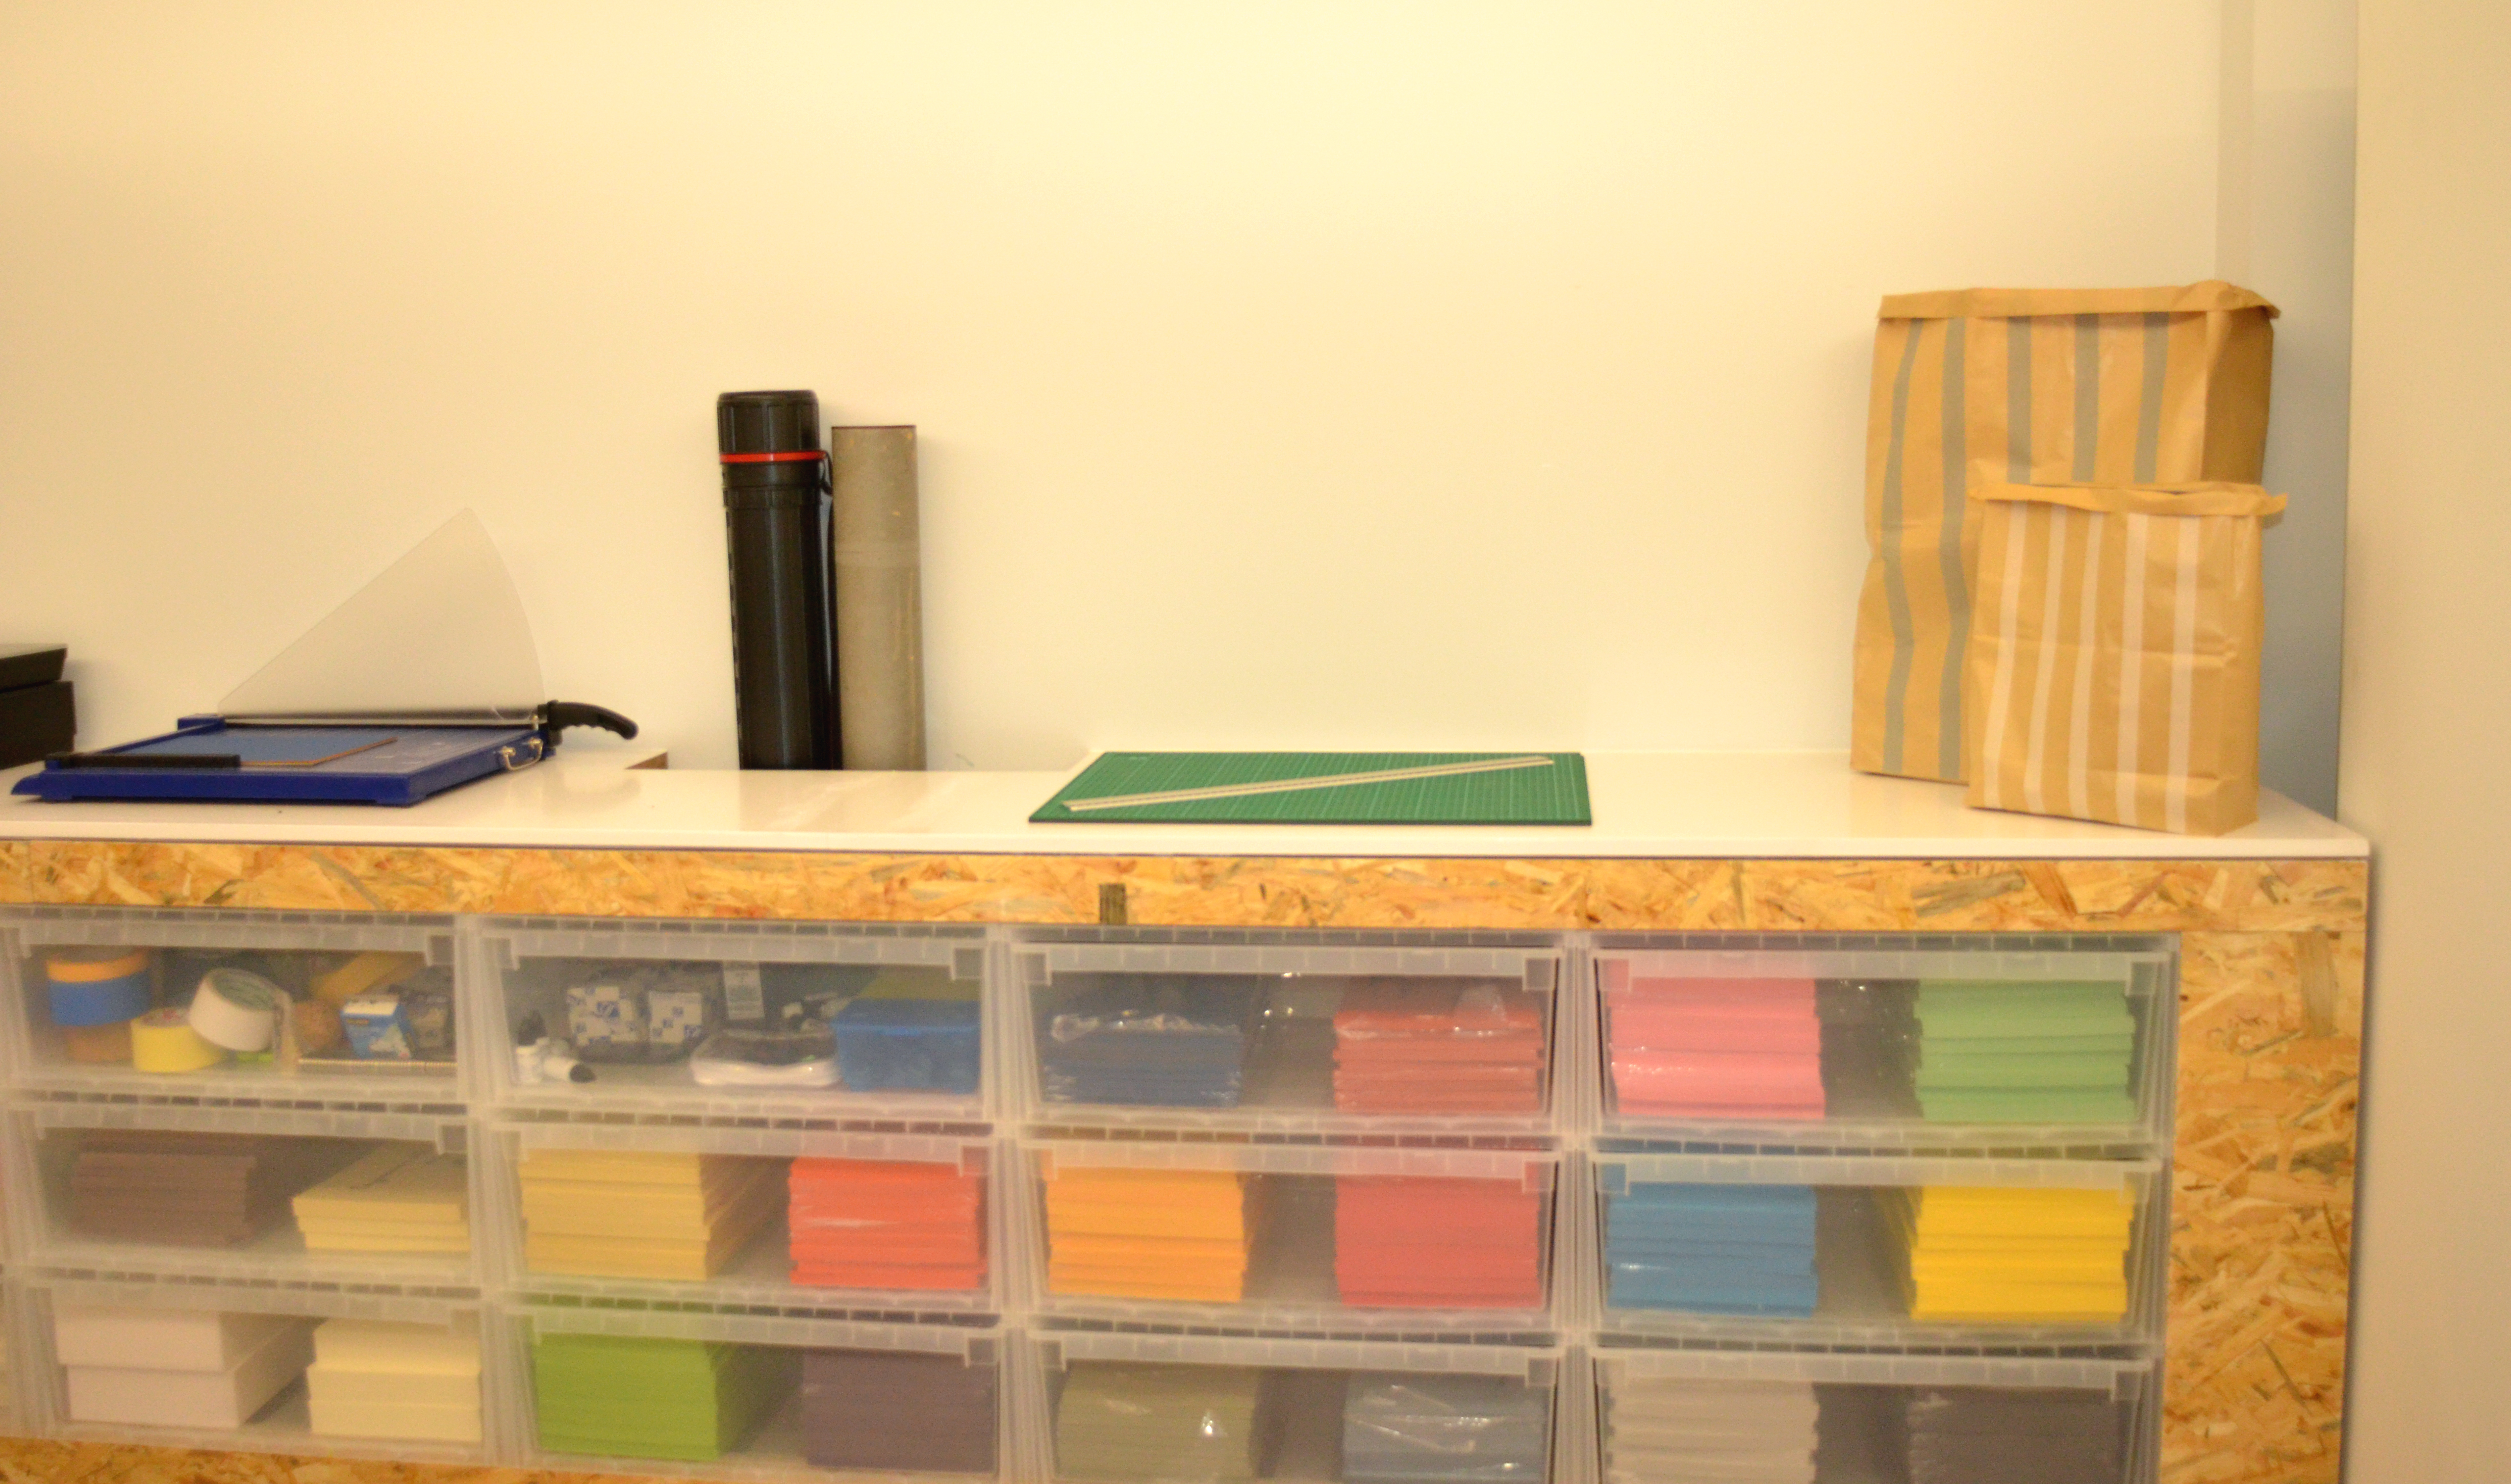 am nagement de l espace fotokino pour marseille provence 2013 au j4 marseille in materia. Black Bedroom Furniture Sets. Home Design Ideas